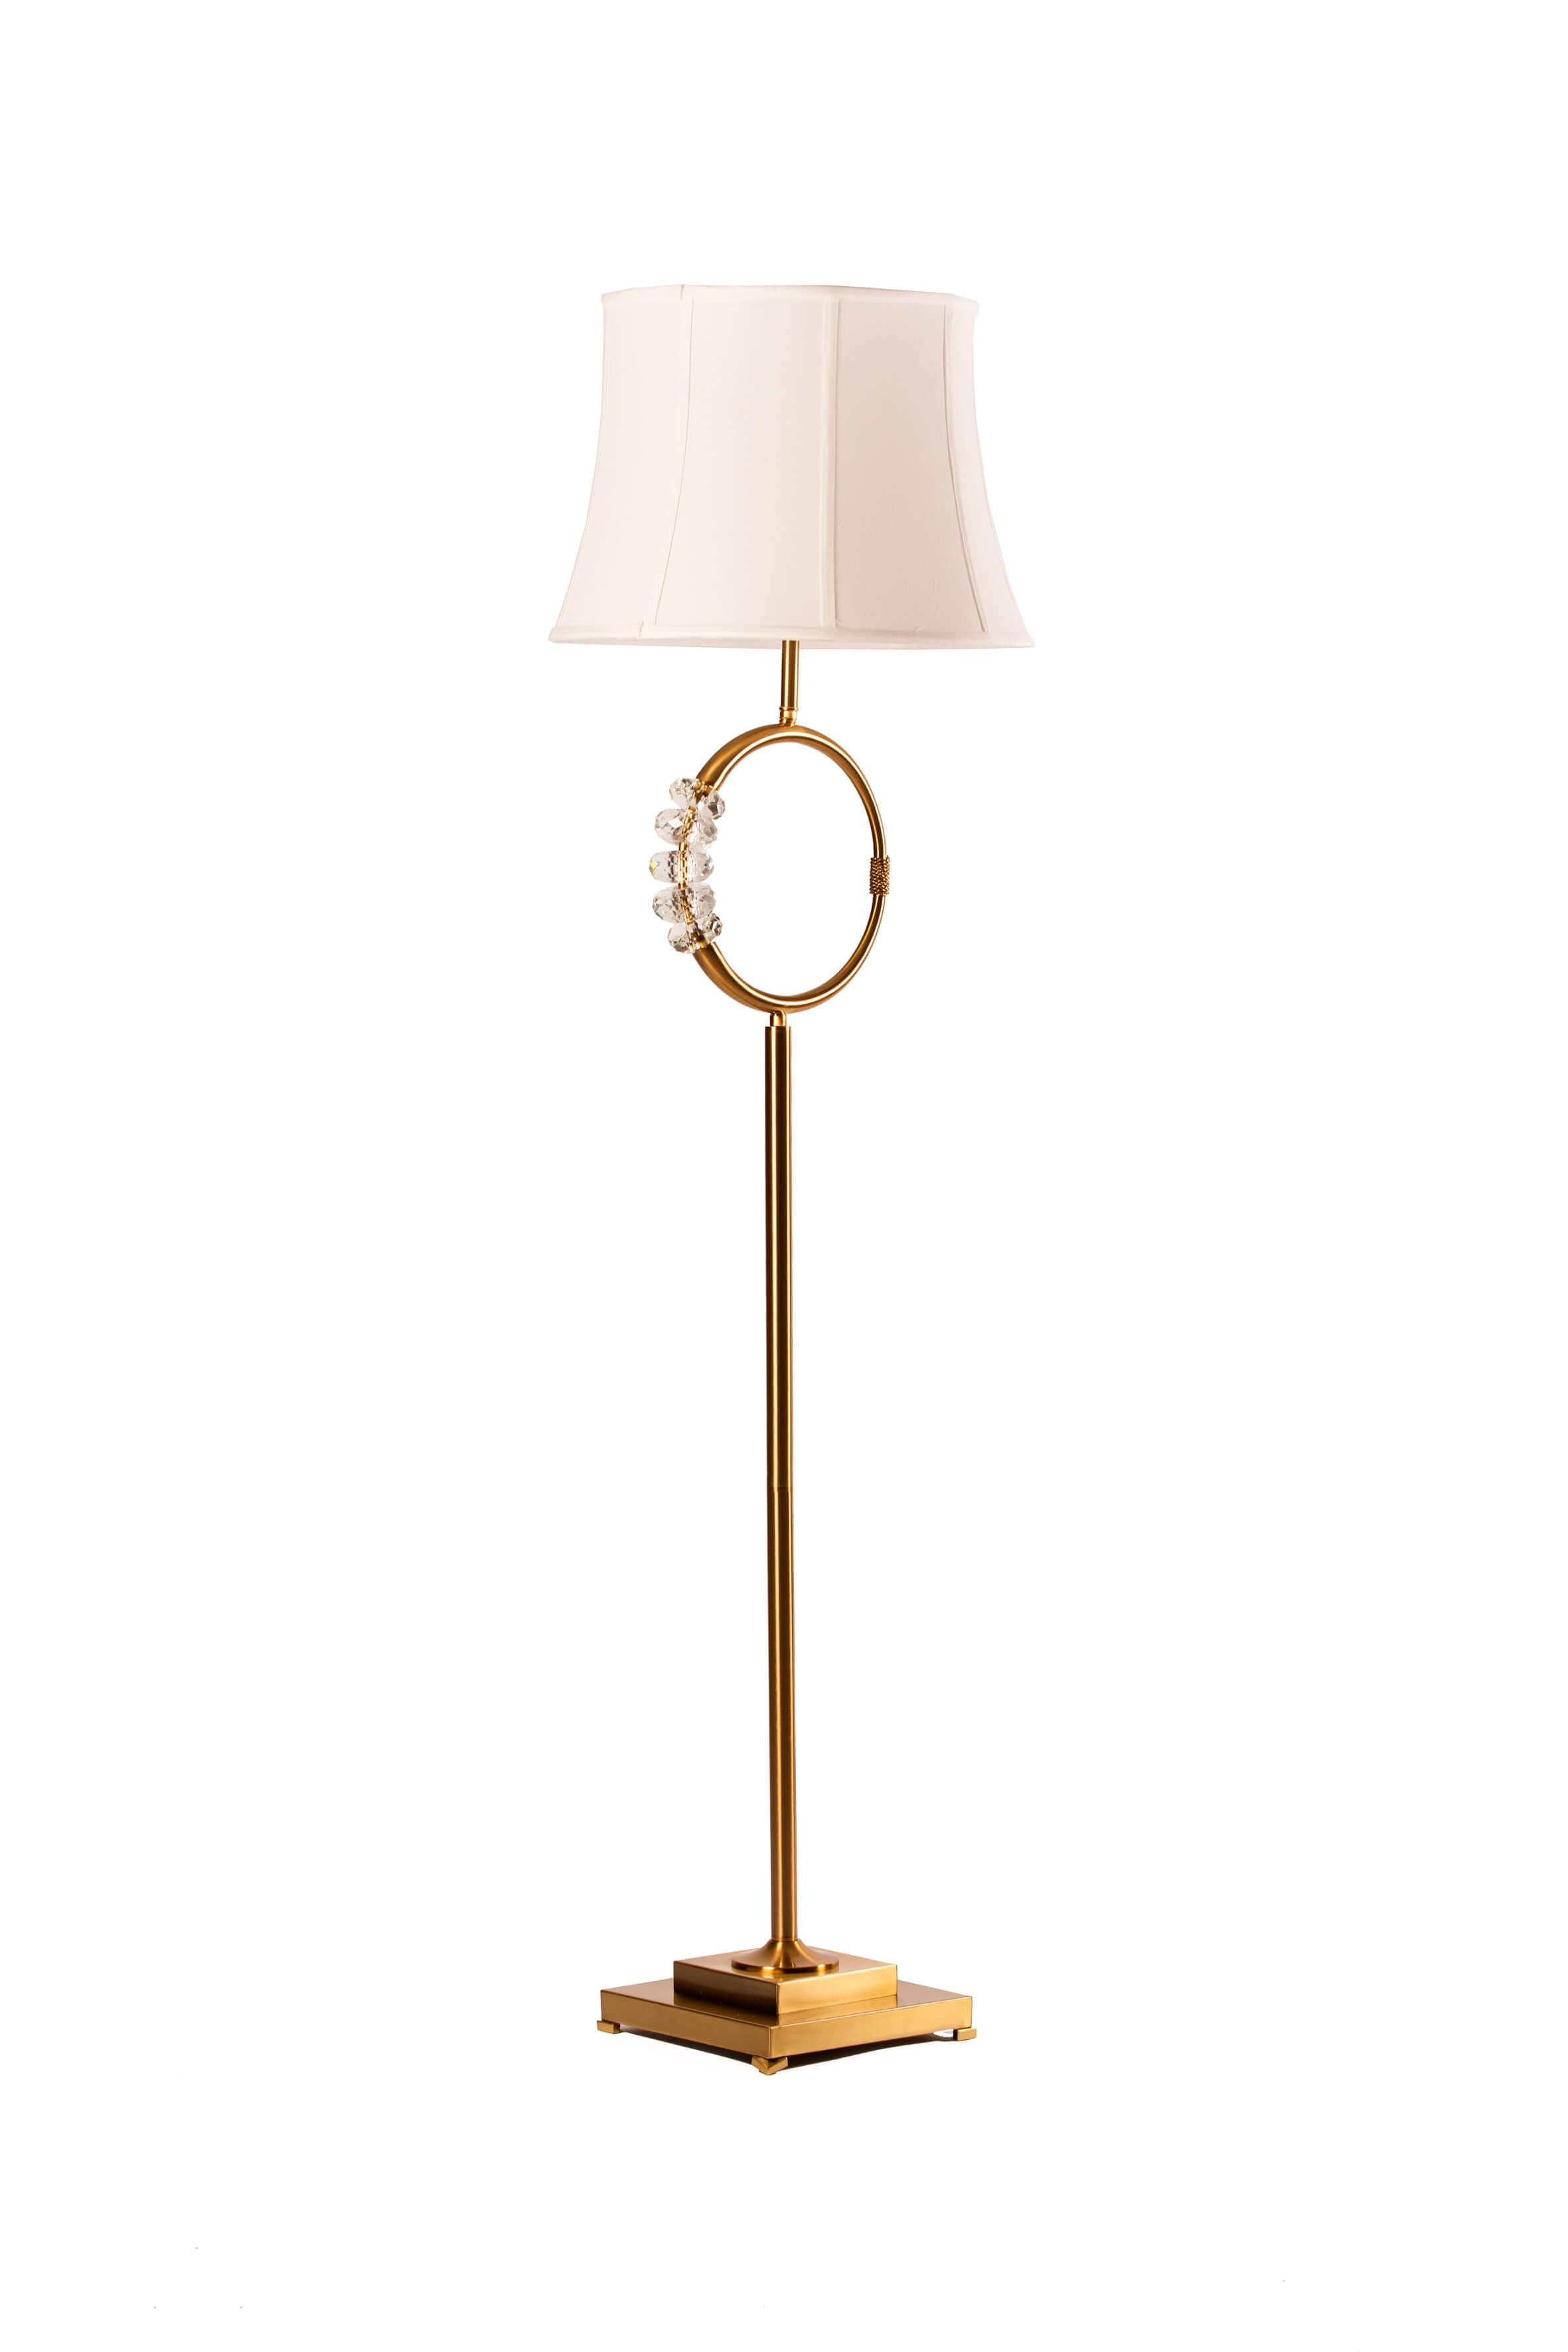 Lampadaire laiton et décorations en verre - ZY-3183FL